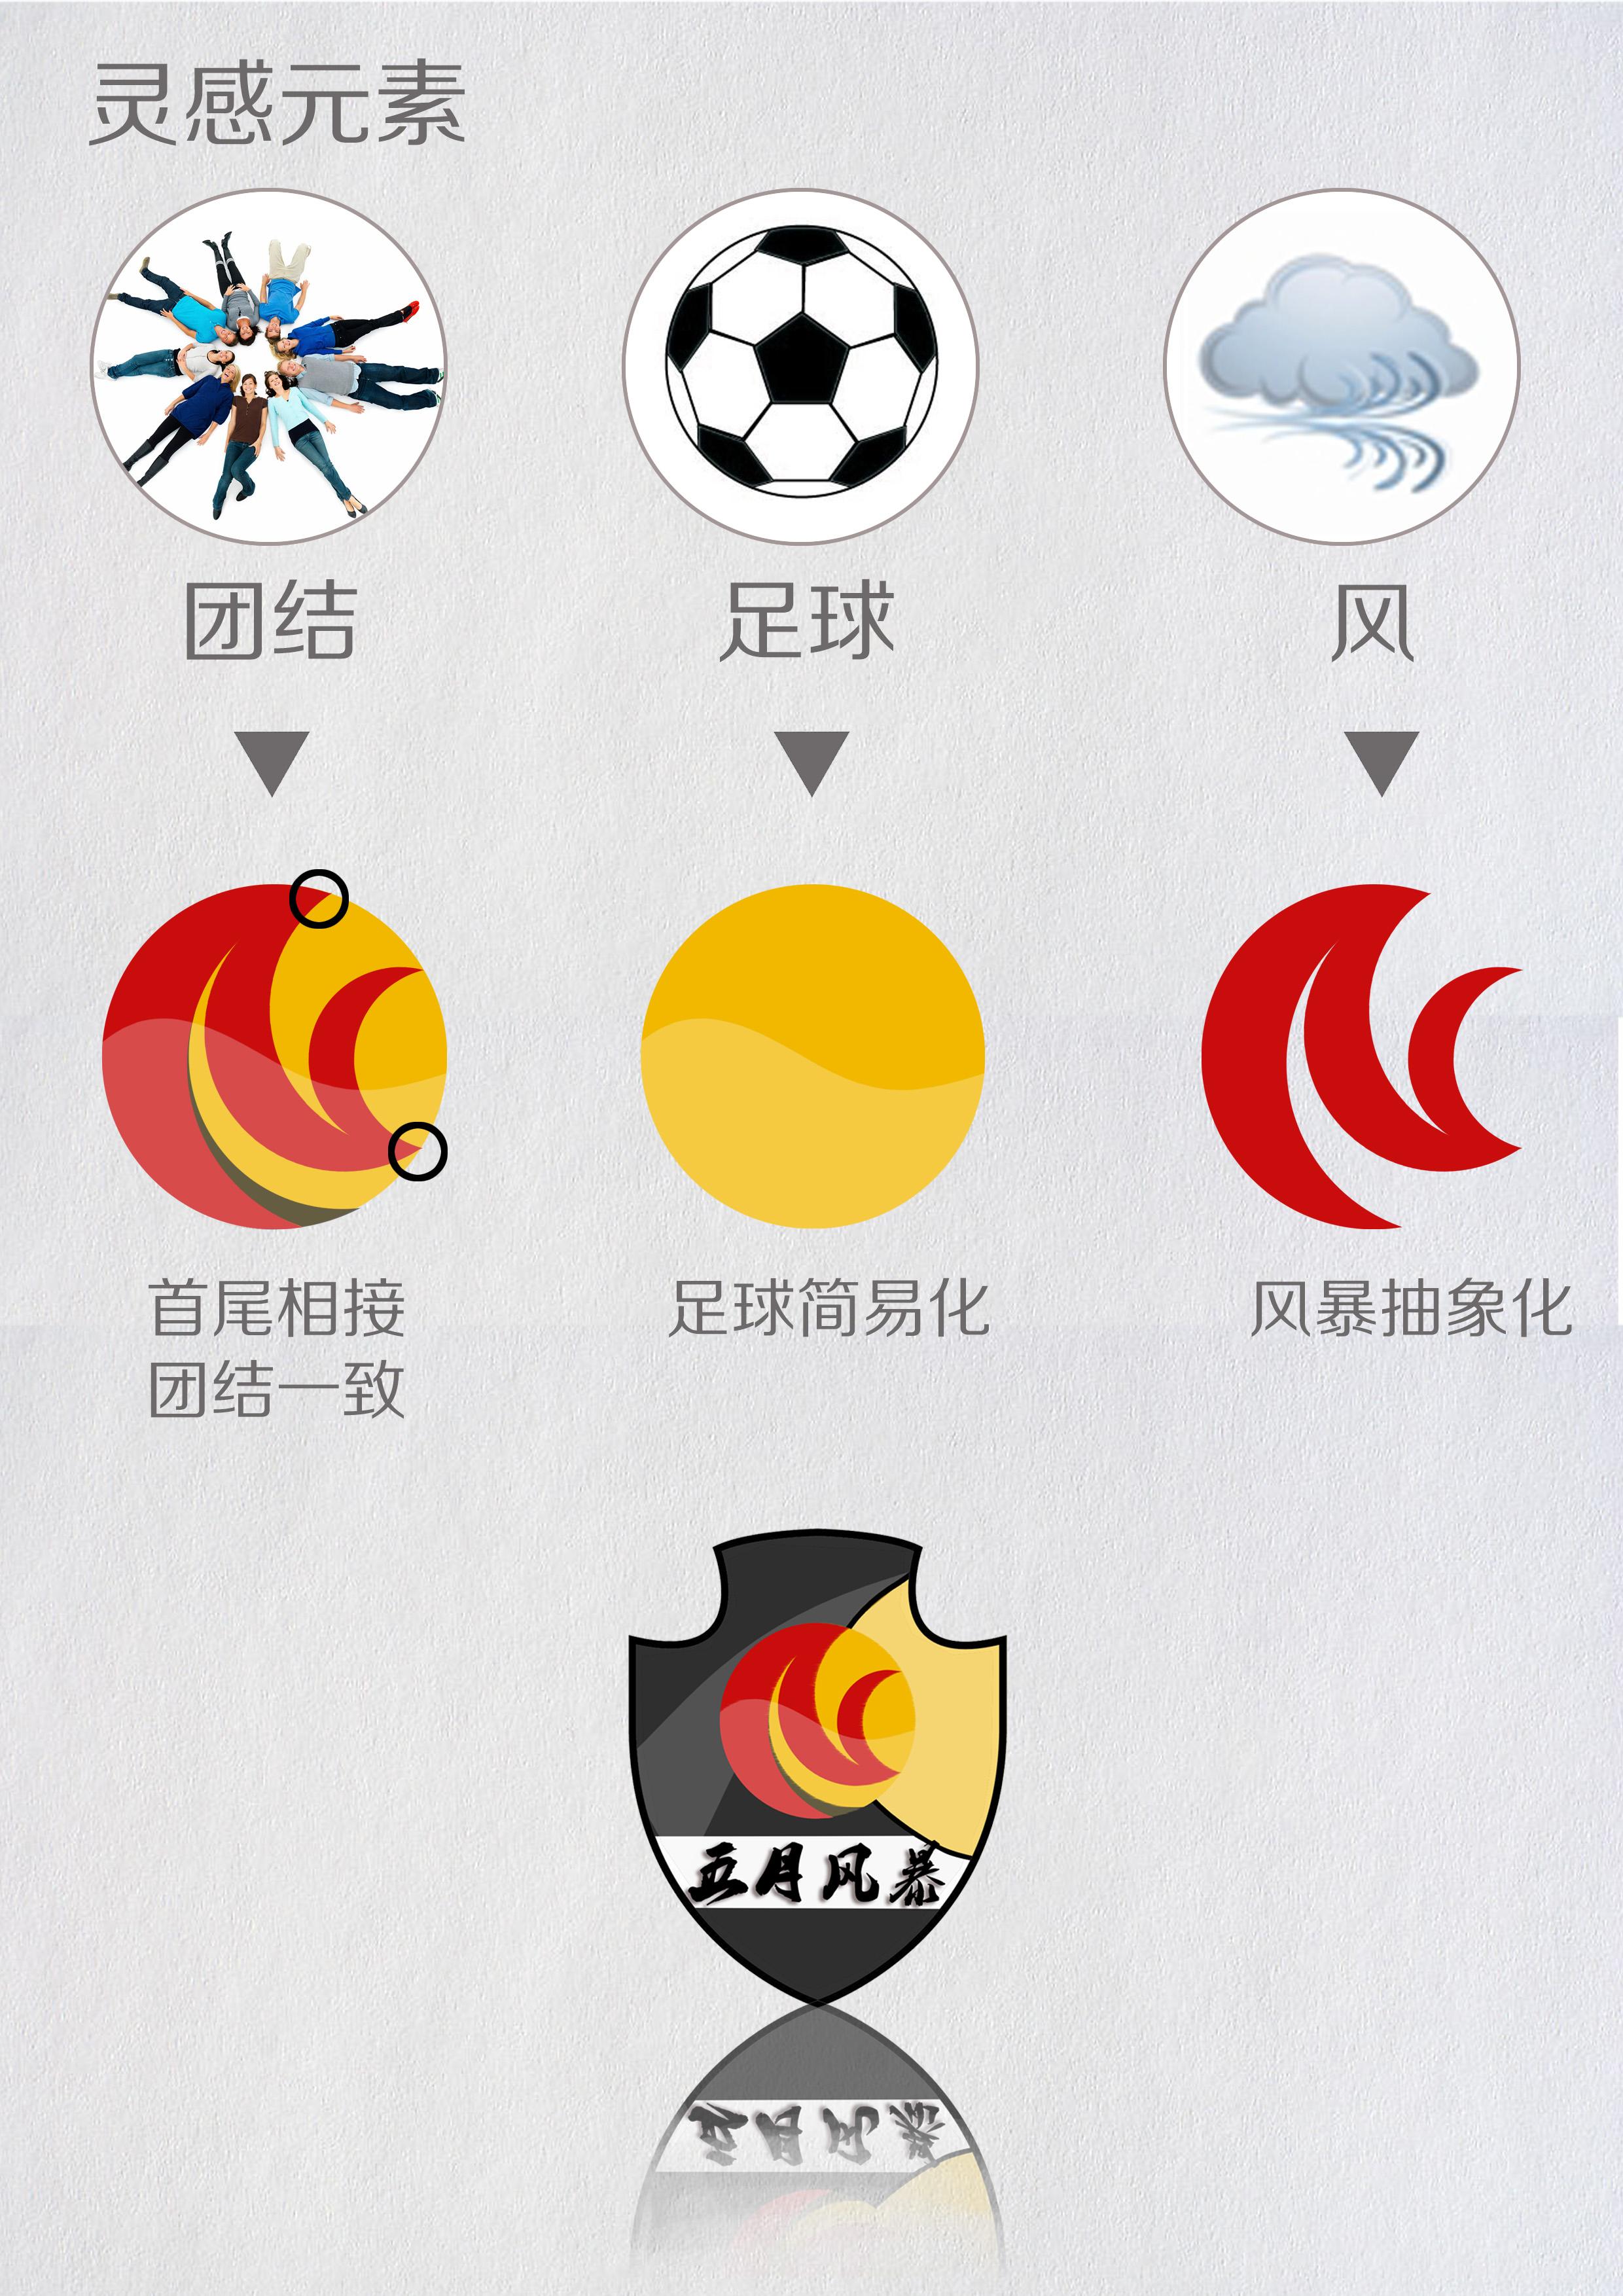 足球俱乐部标志设计